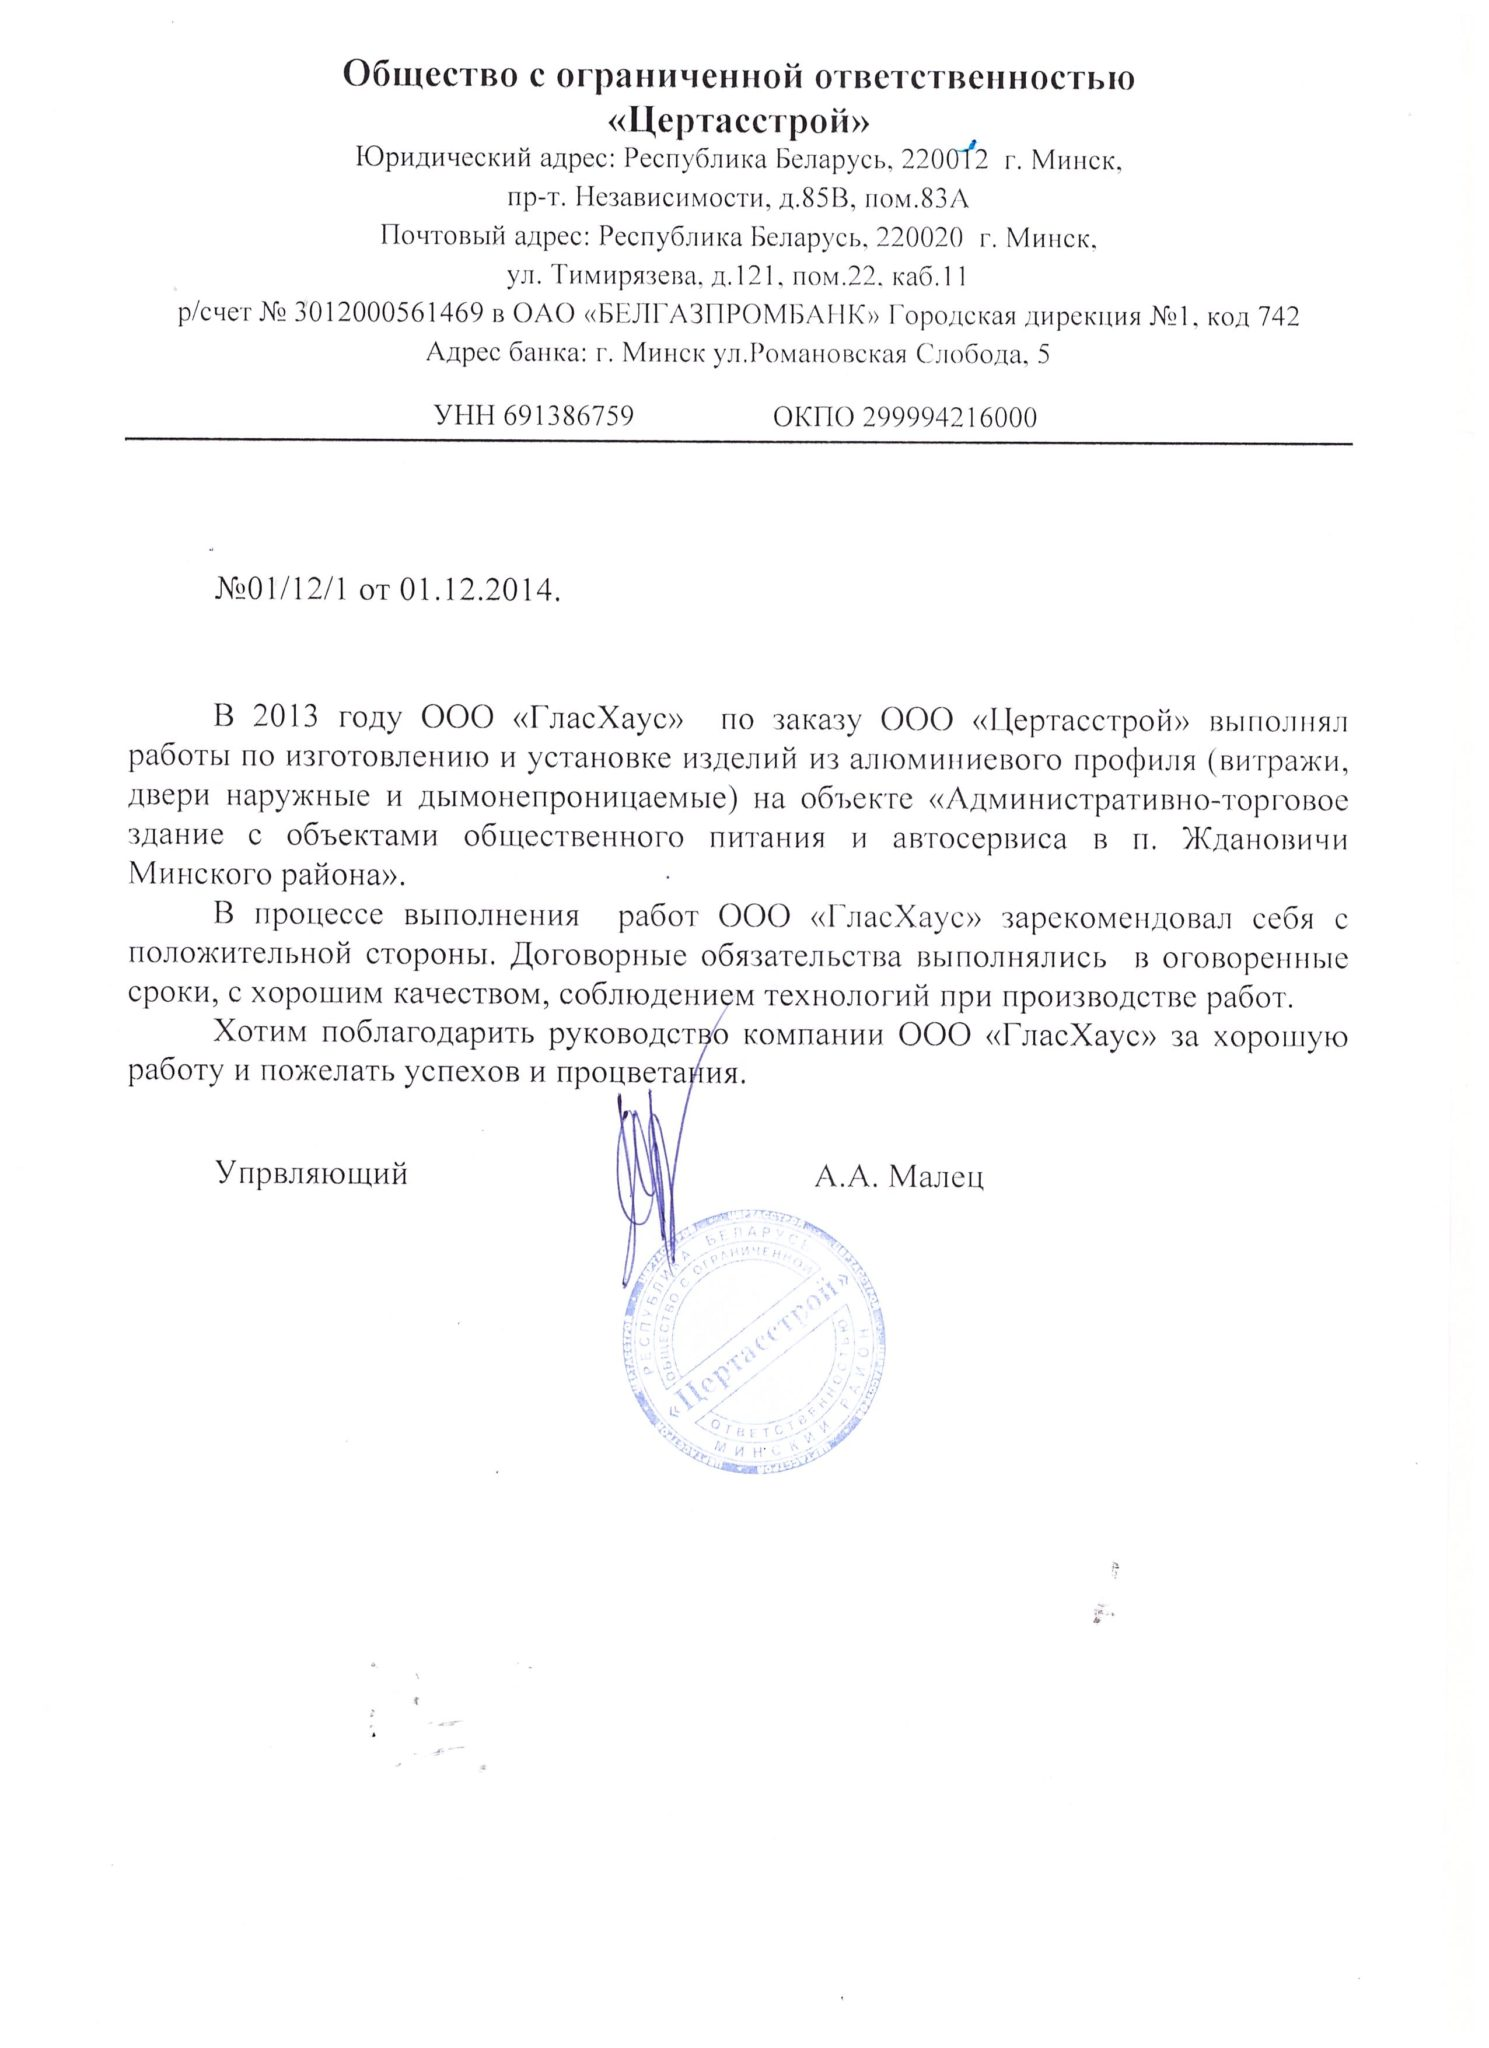 """ООО """"Цертасстрой"""""""